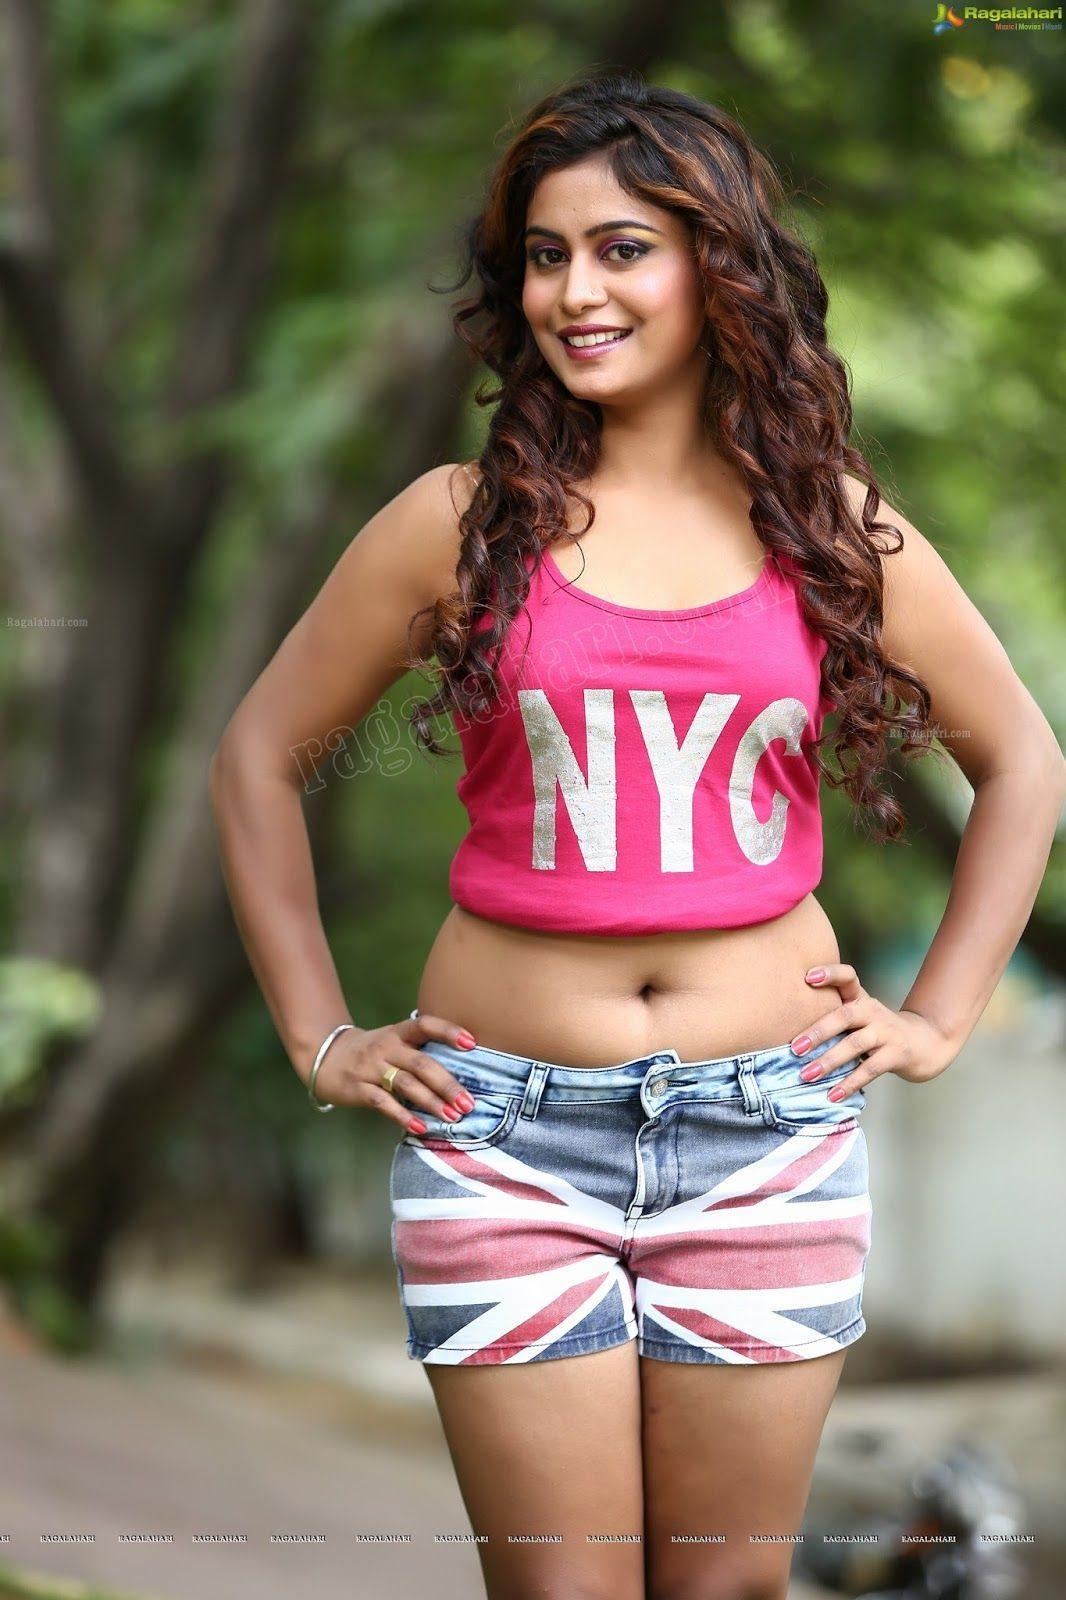 Anandi hot navel pics of girls